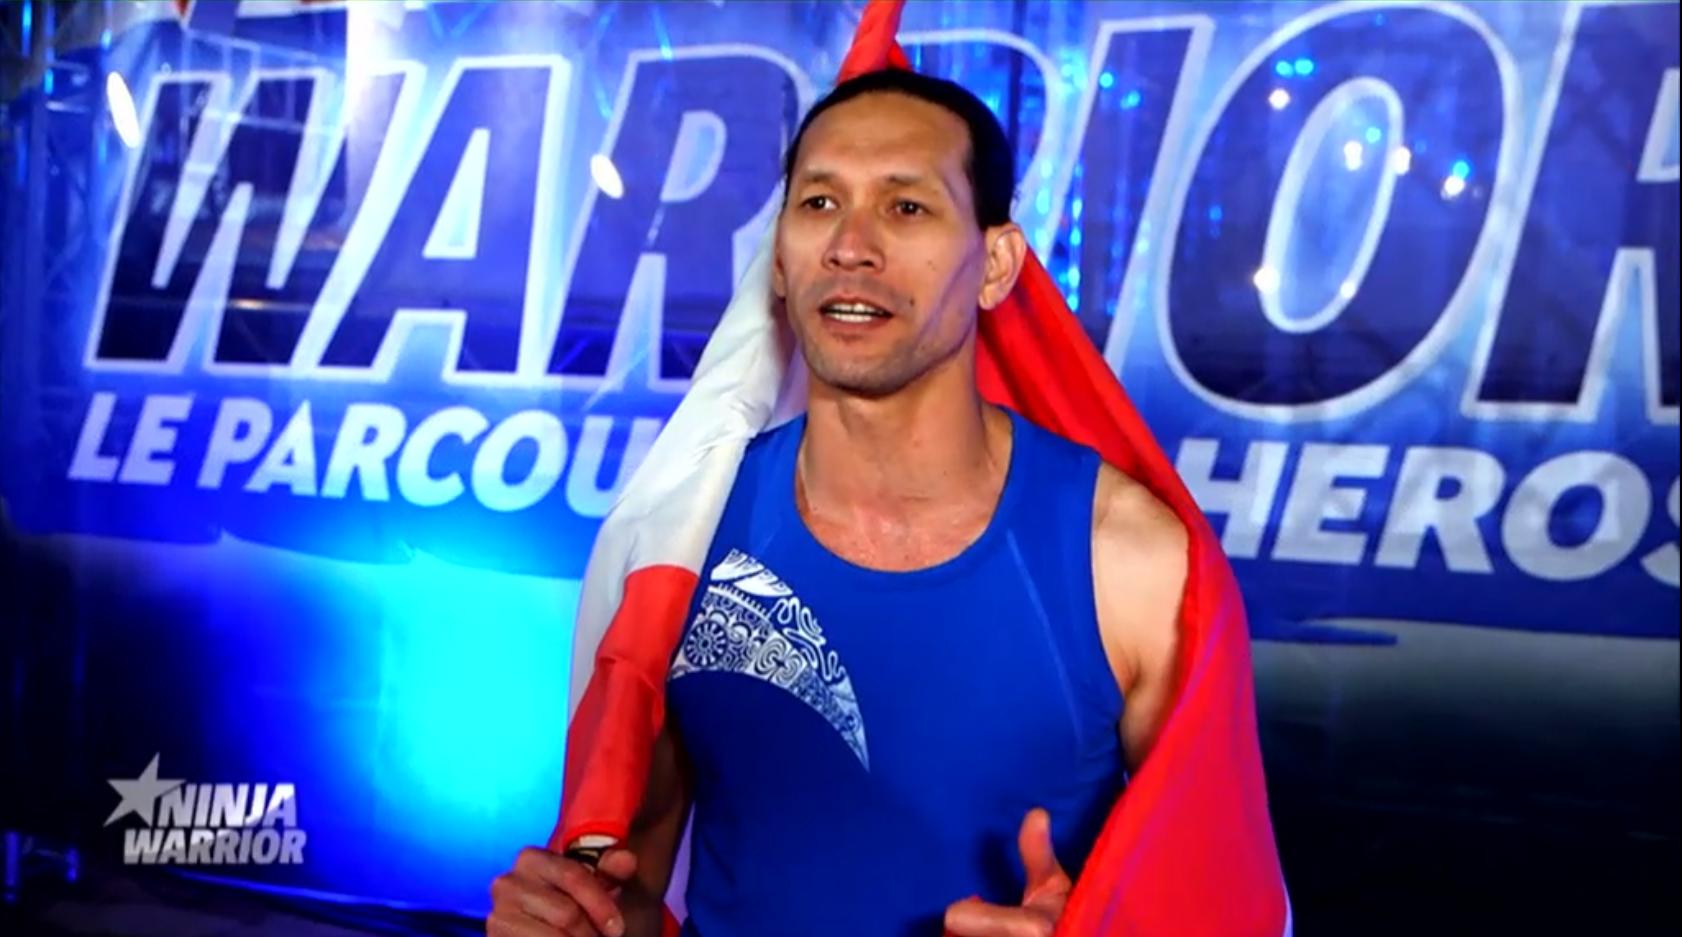 Teheiura: quand notre aito tahitien fait des exploits en Ninja warrior